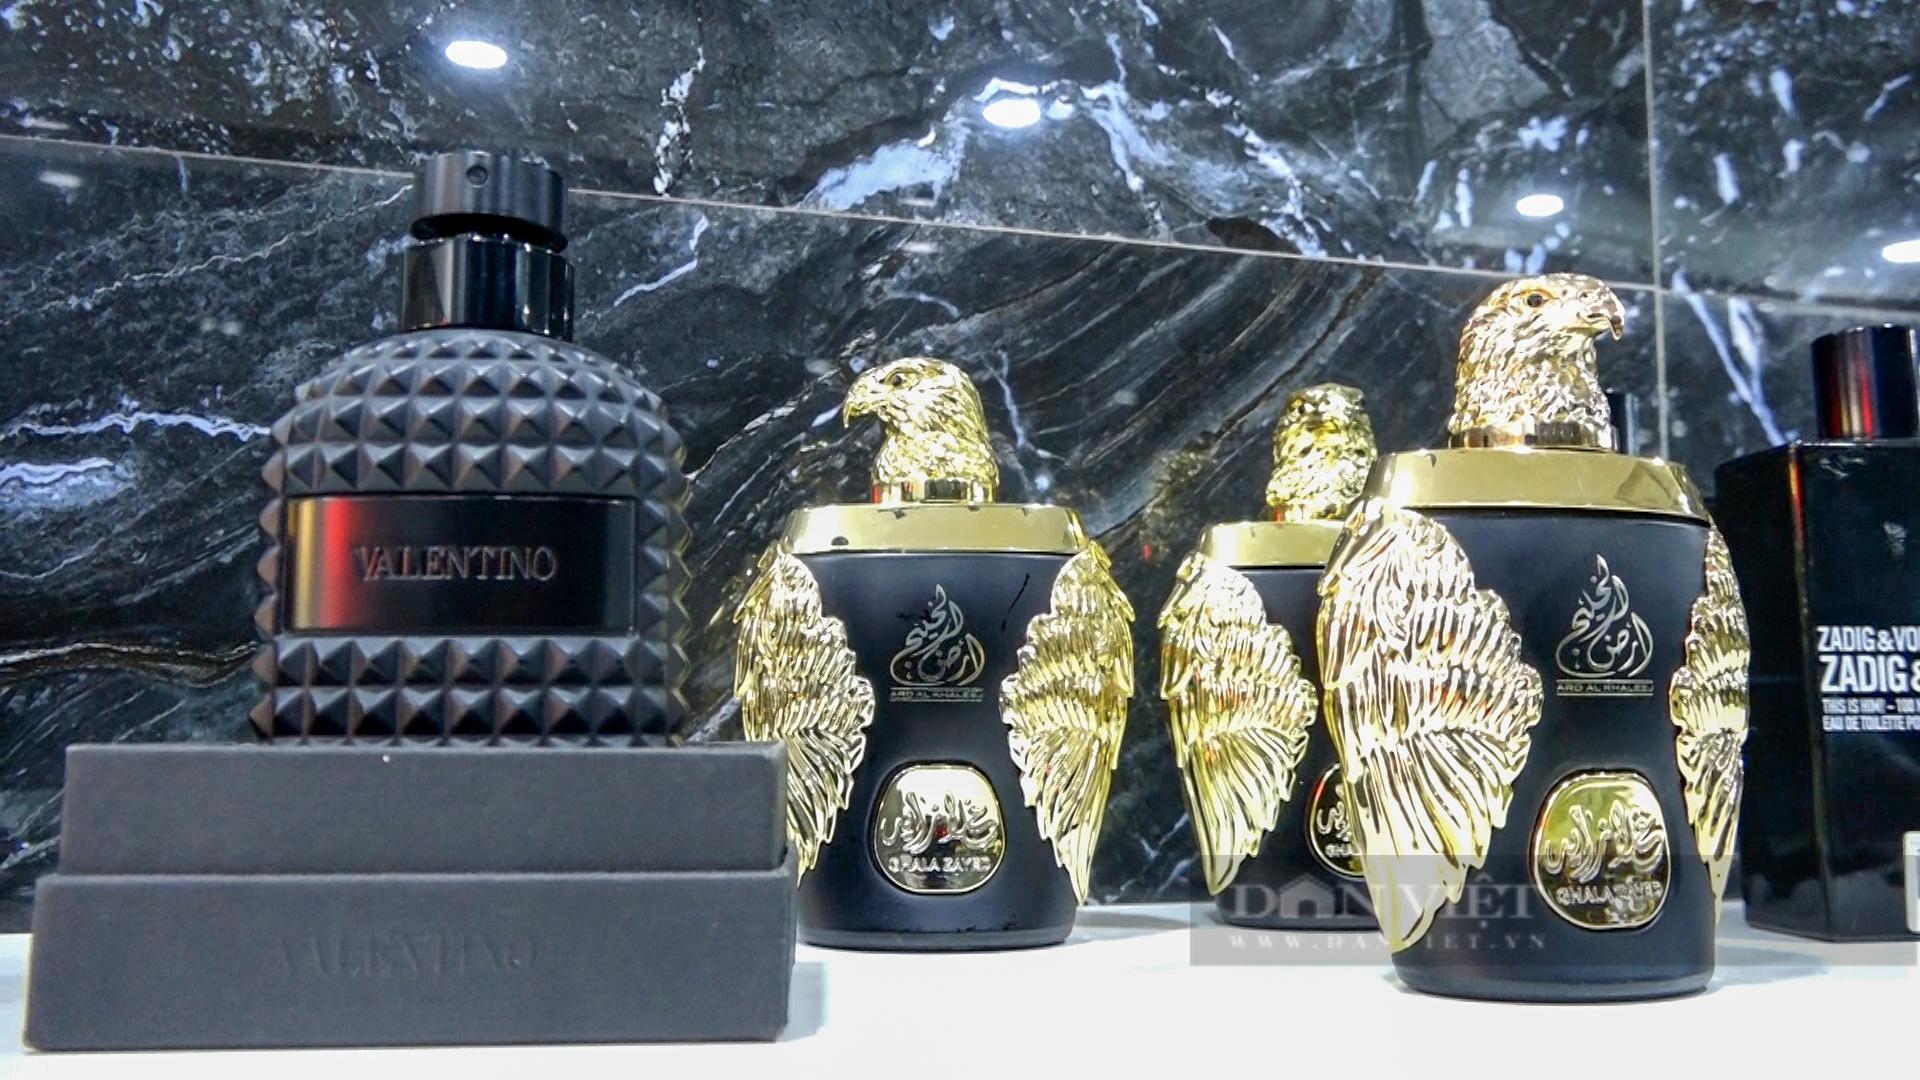 Hà Nội: Đột kích cửa hàng ở phố cổ, thu giữ hàng nghìn chai nước hoa Gucci, Dolce & Gabbana... không rõ nguồn gốc - Ảnh 4.